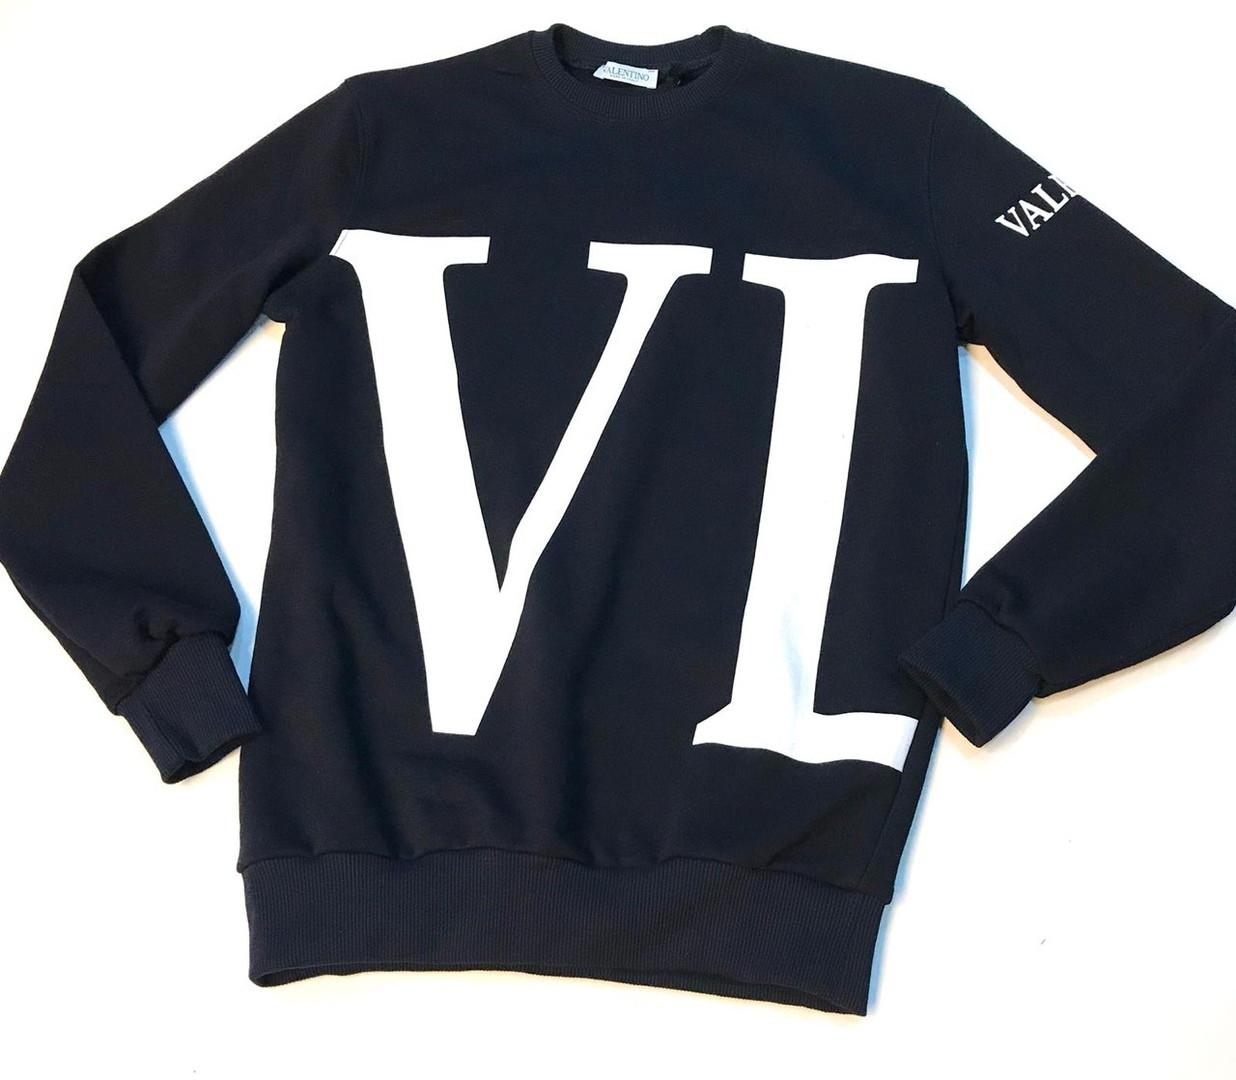 Свитшот стильный Valentino темно-синего цвета топ реплика